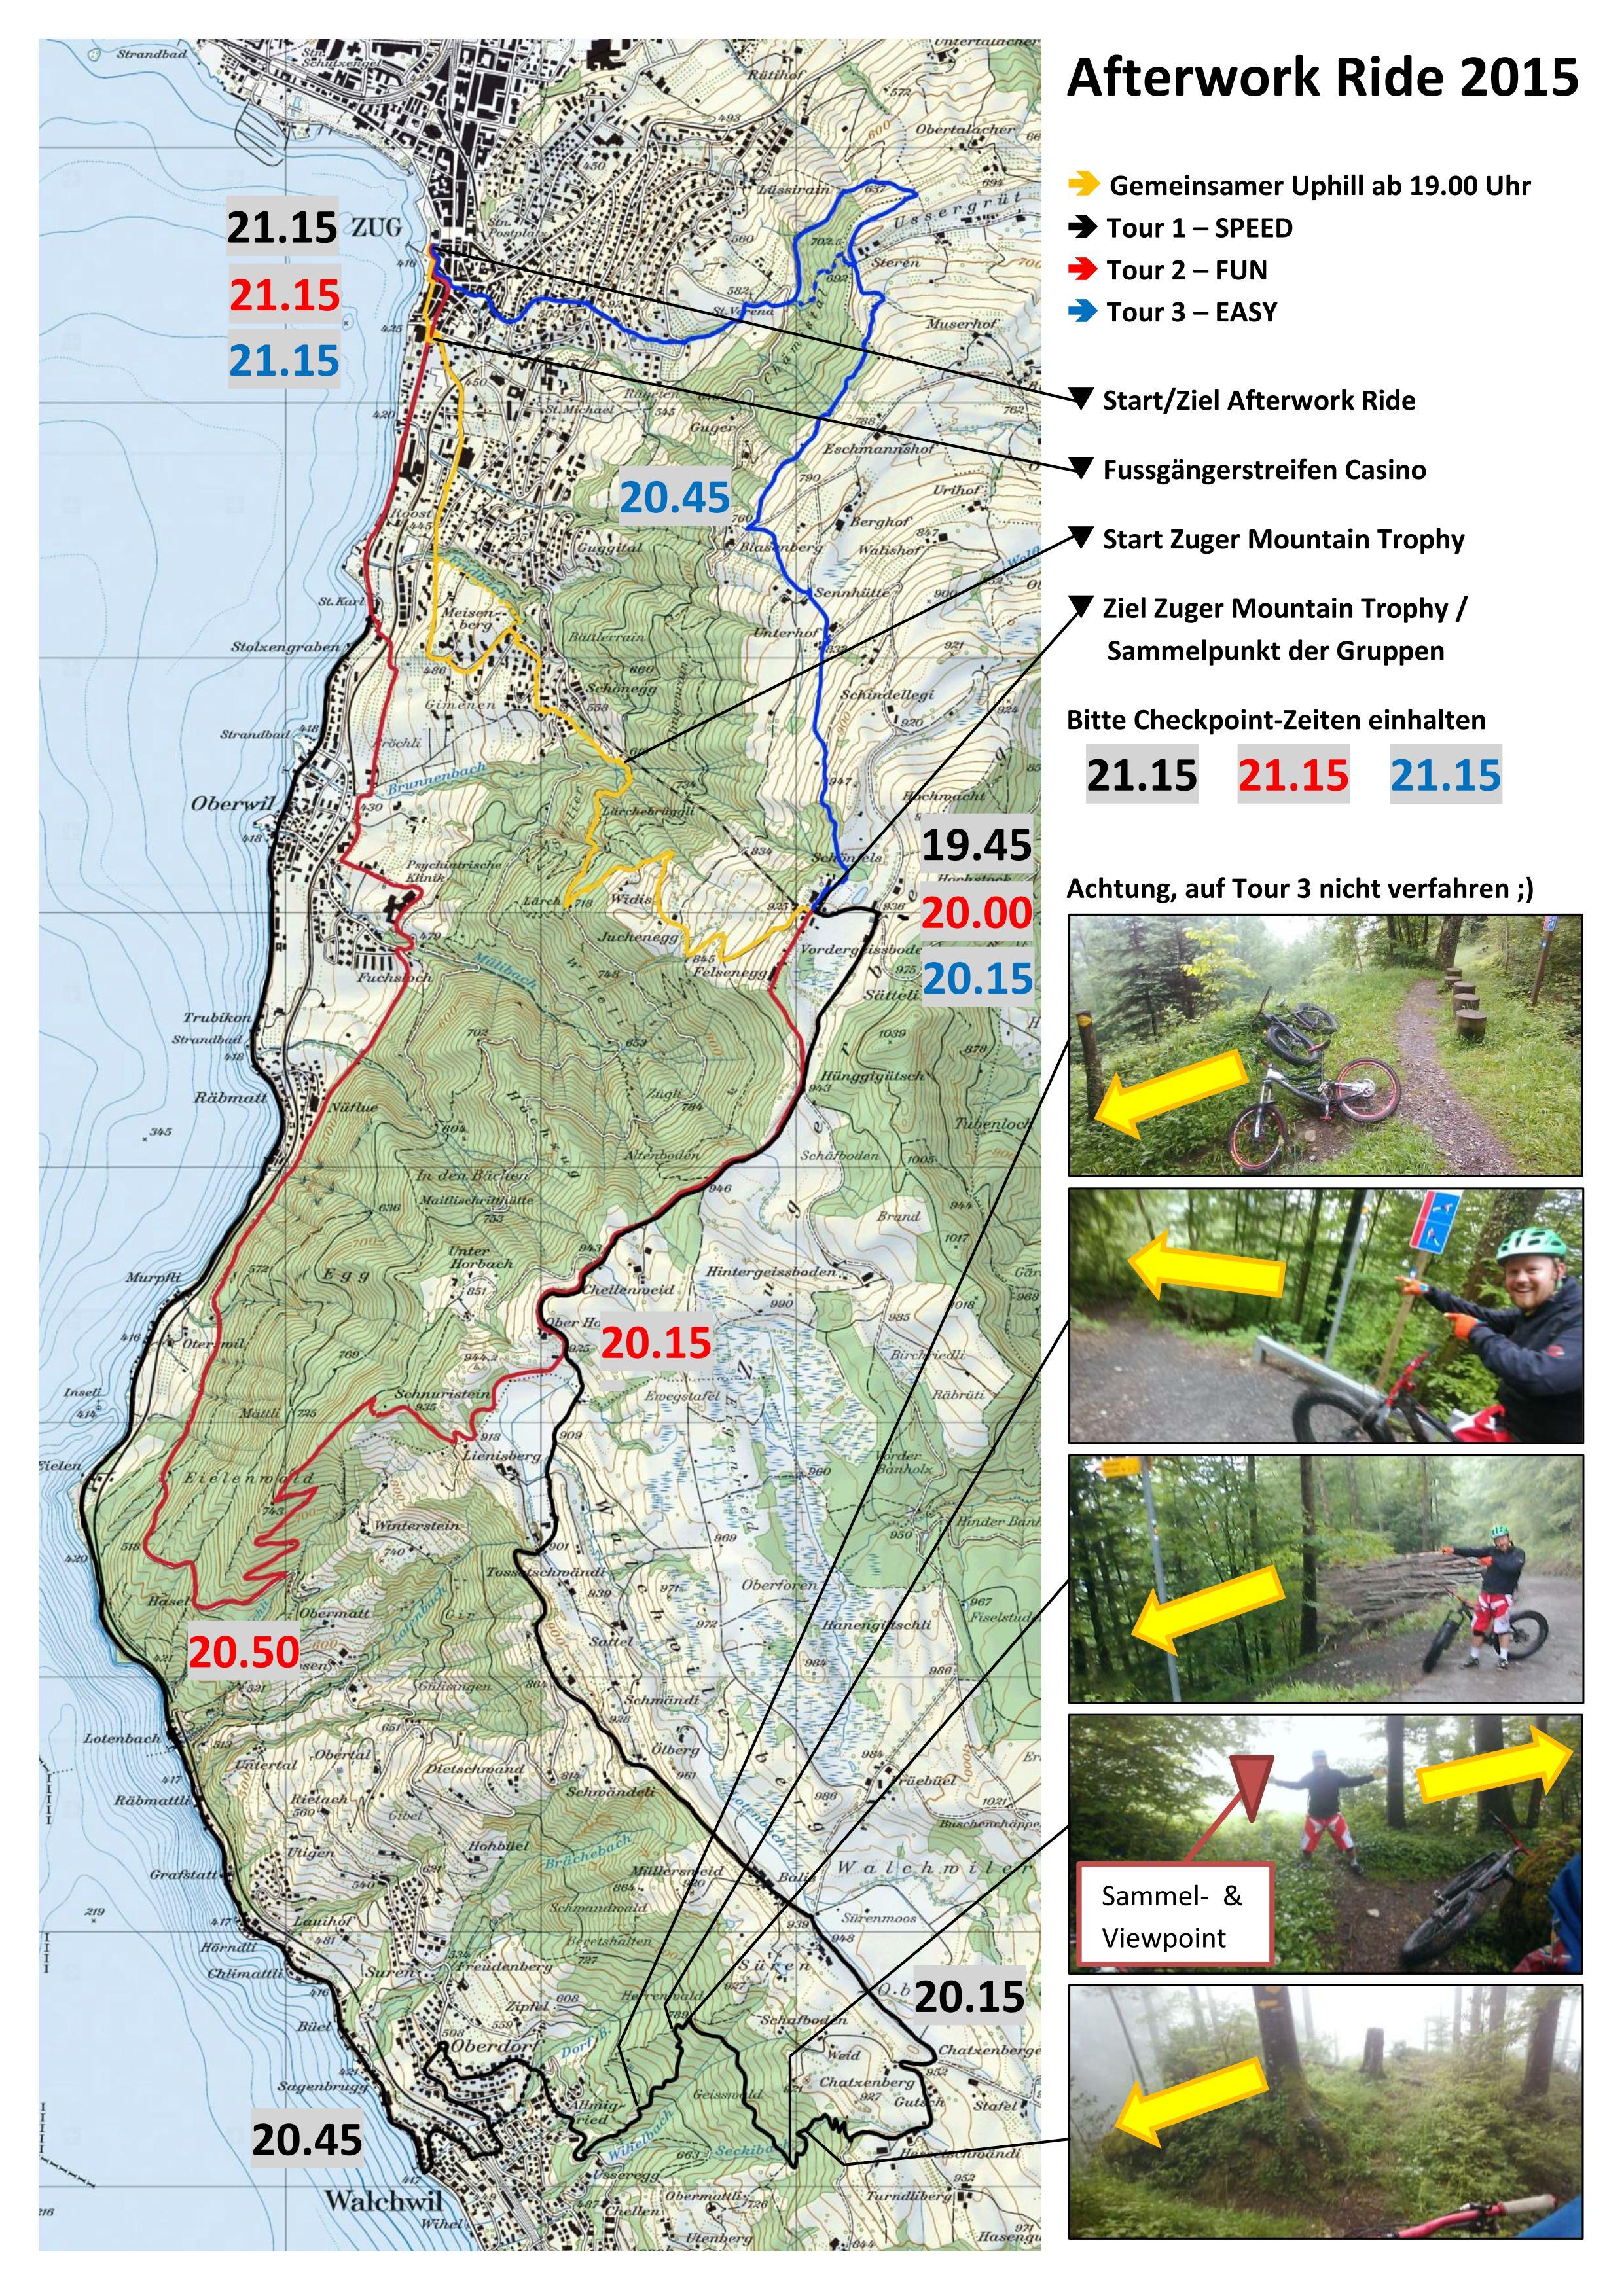 Handout - Streckenplan - 2015.jpg